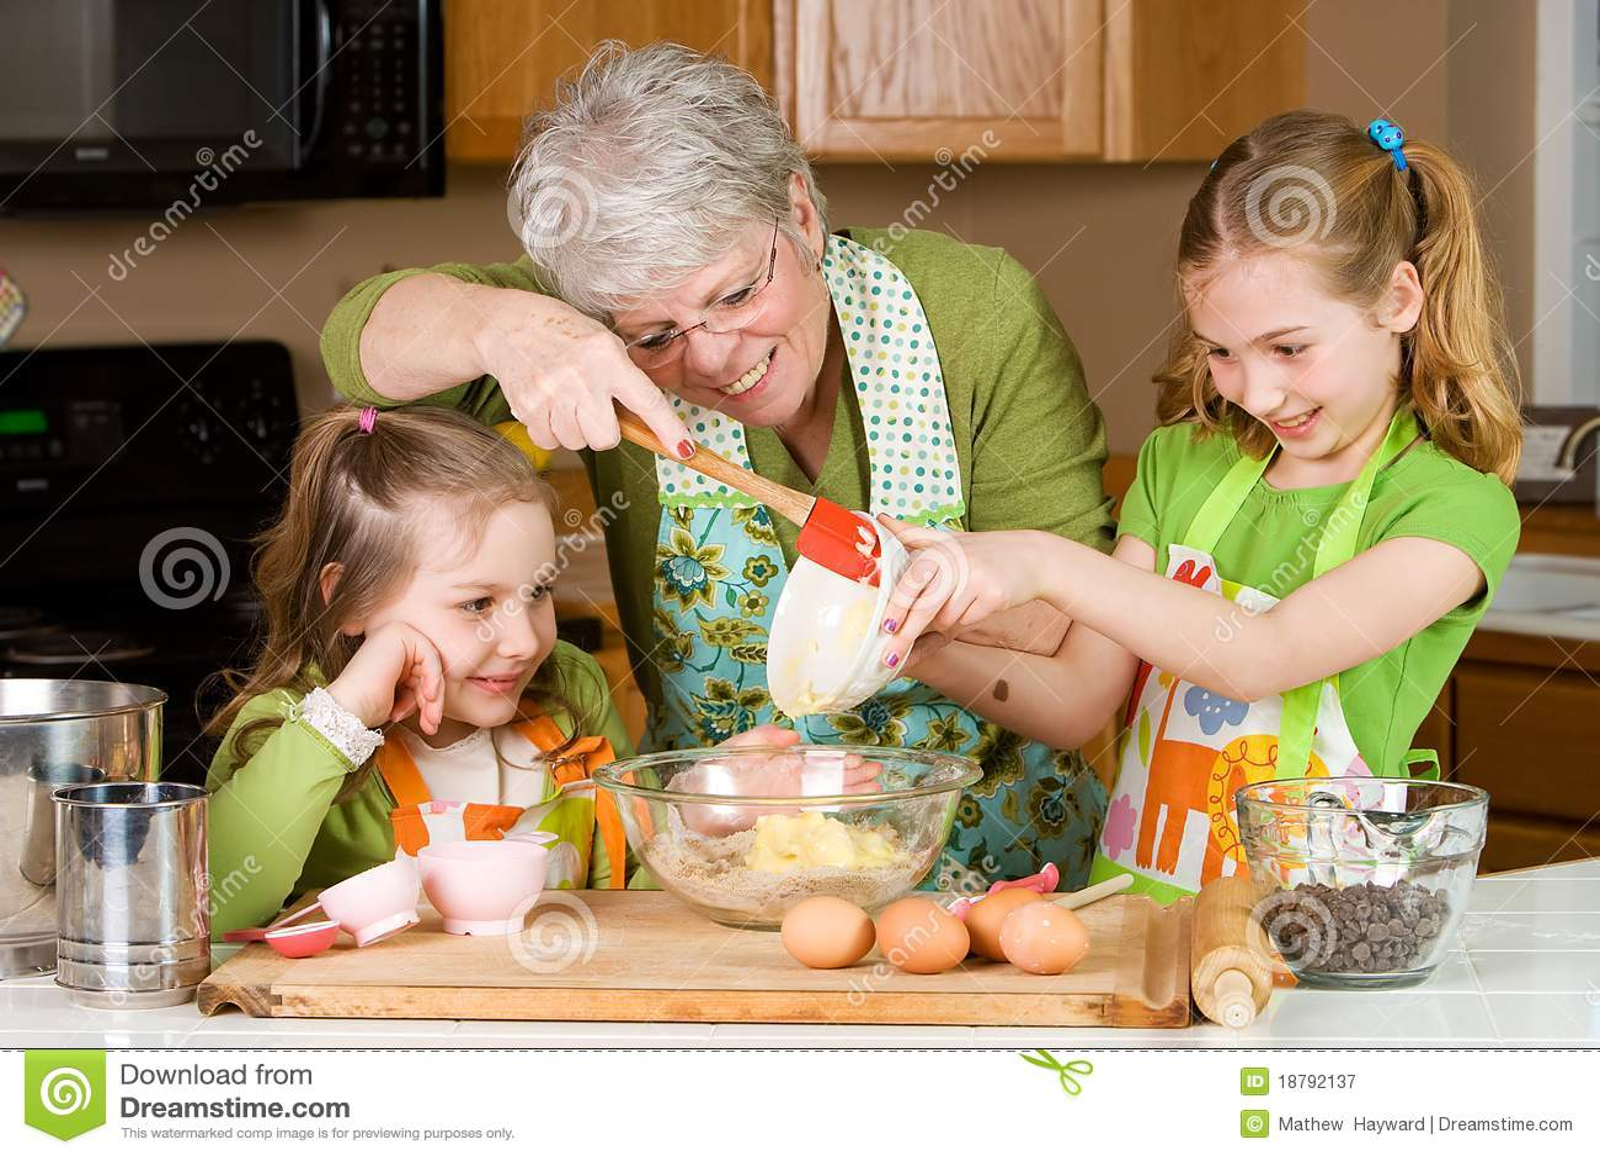 Grandmother baking cookies with children.